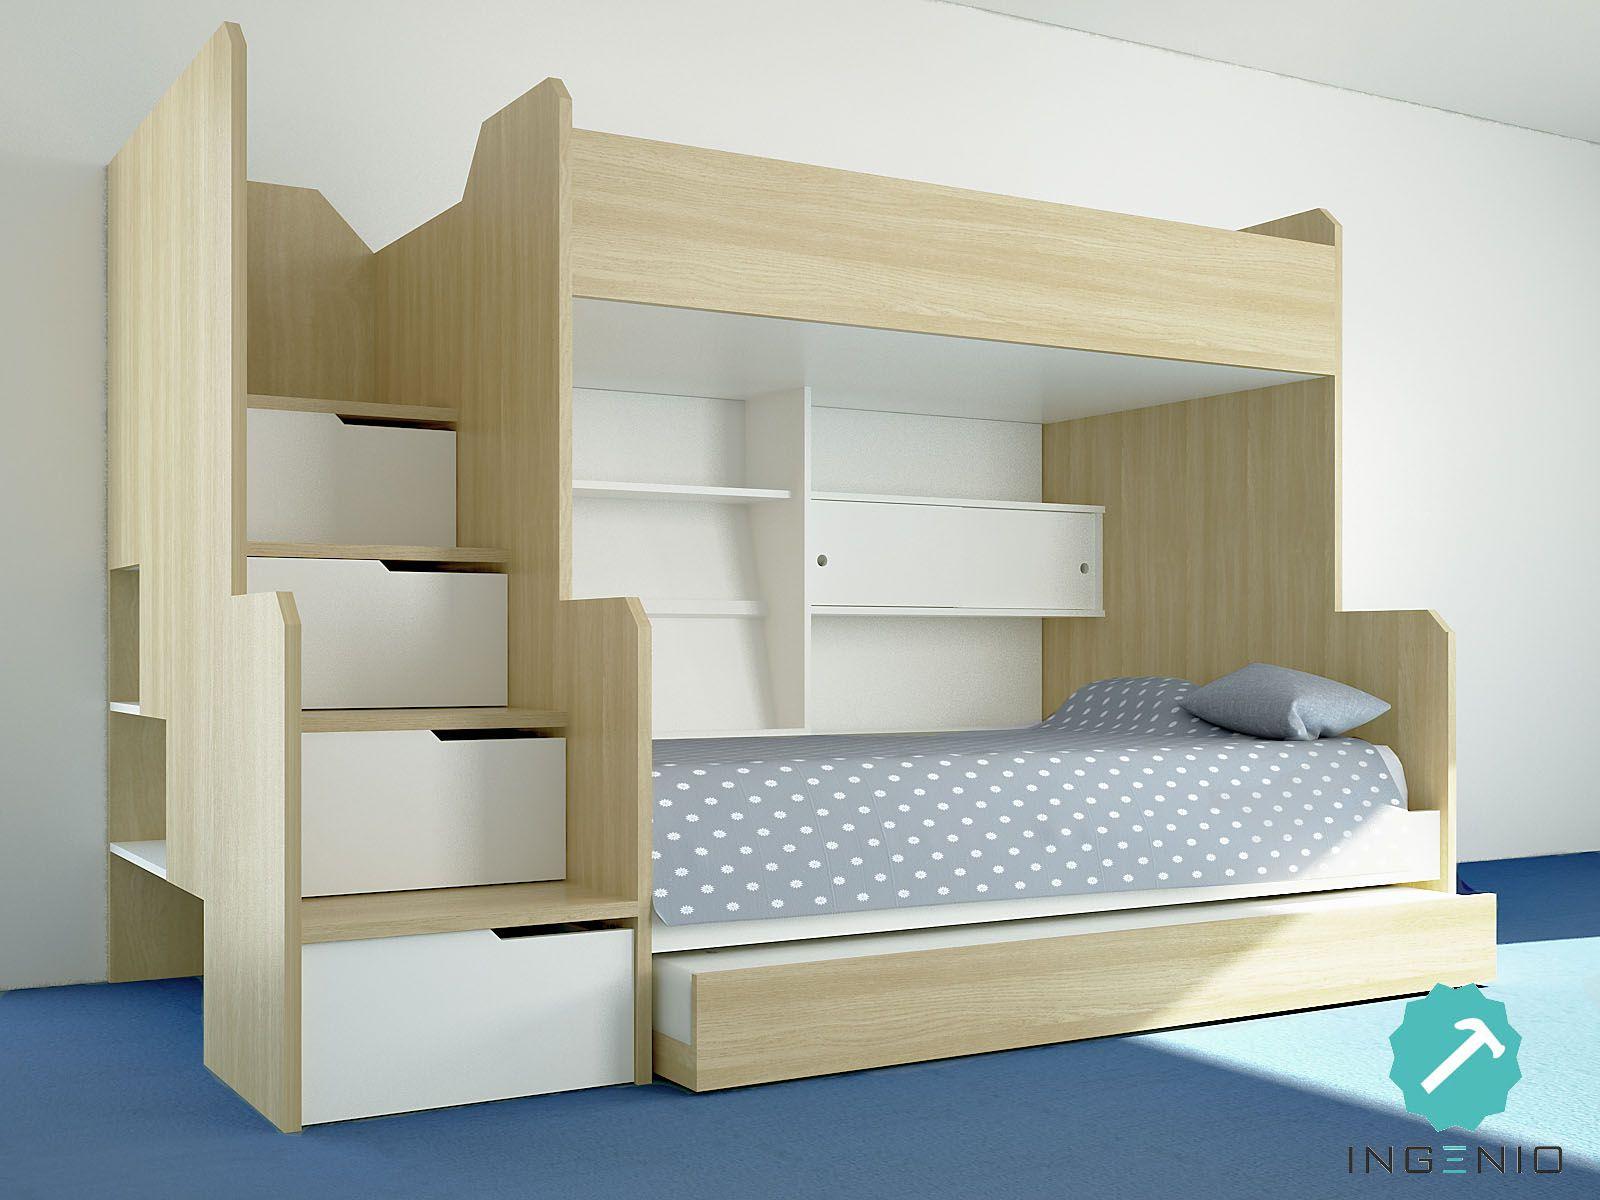 dormitorio niños camarote carpinteria ingenio | decoracion tomas ...